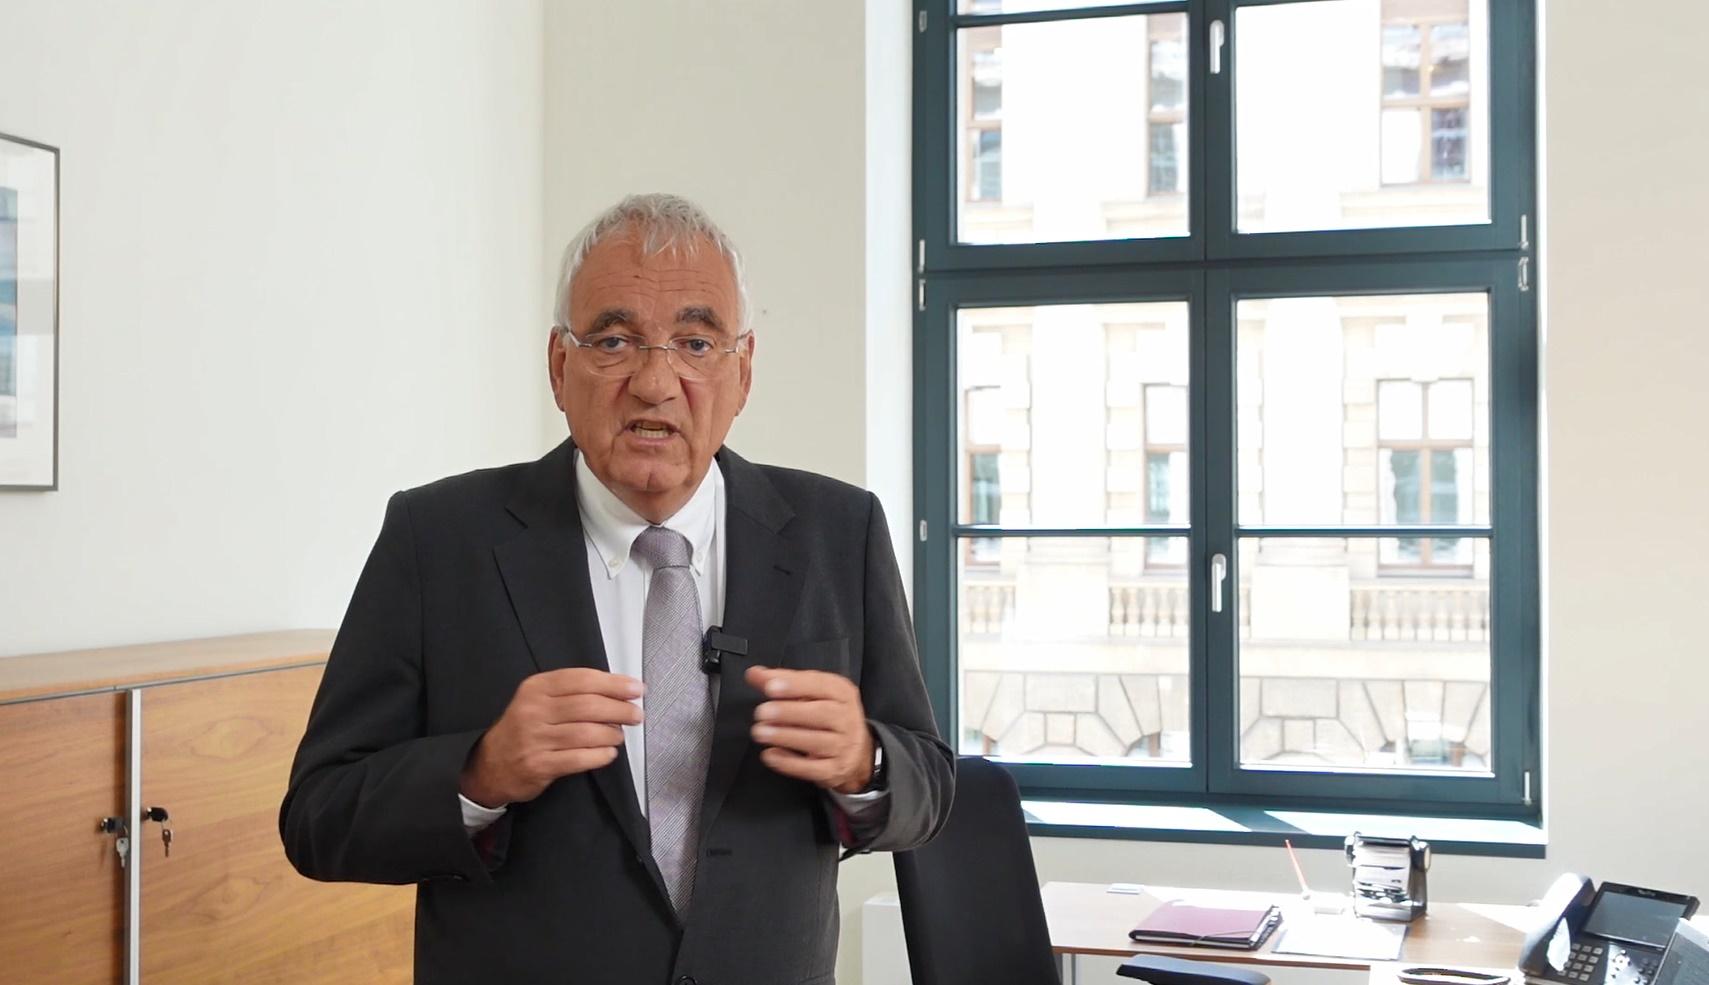 Standbild des Präsidenten der der Bundessteuerberaterkammer zu den Themen Fristverlängerung und Update Überbrückungshilfe